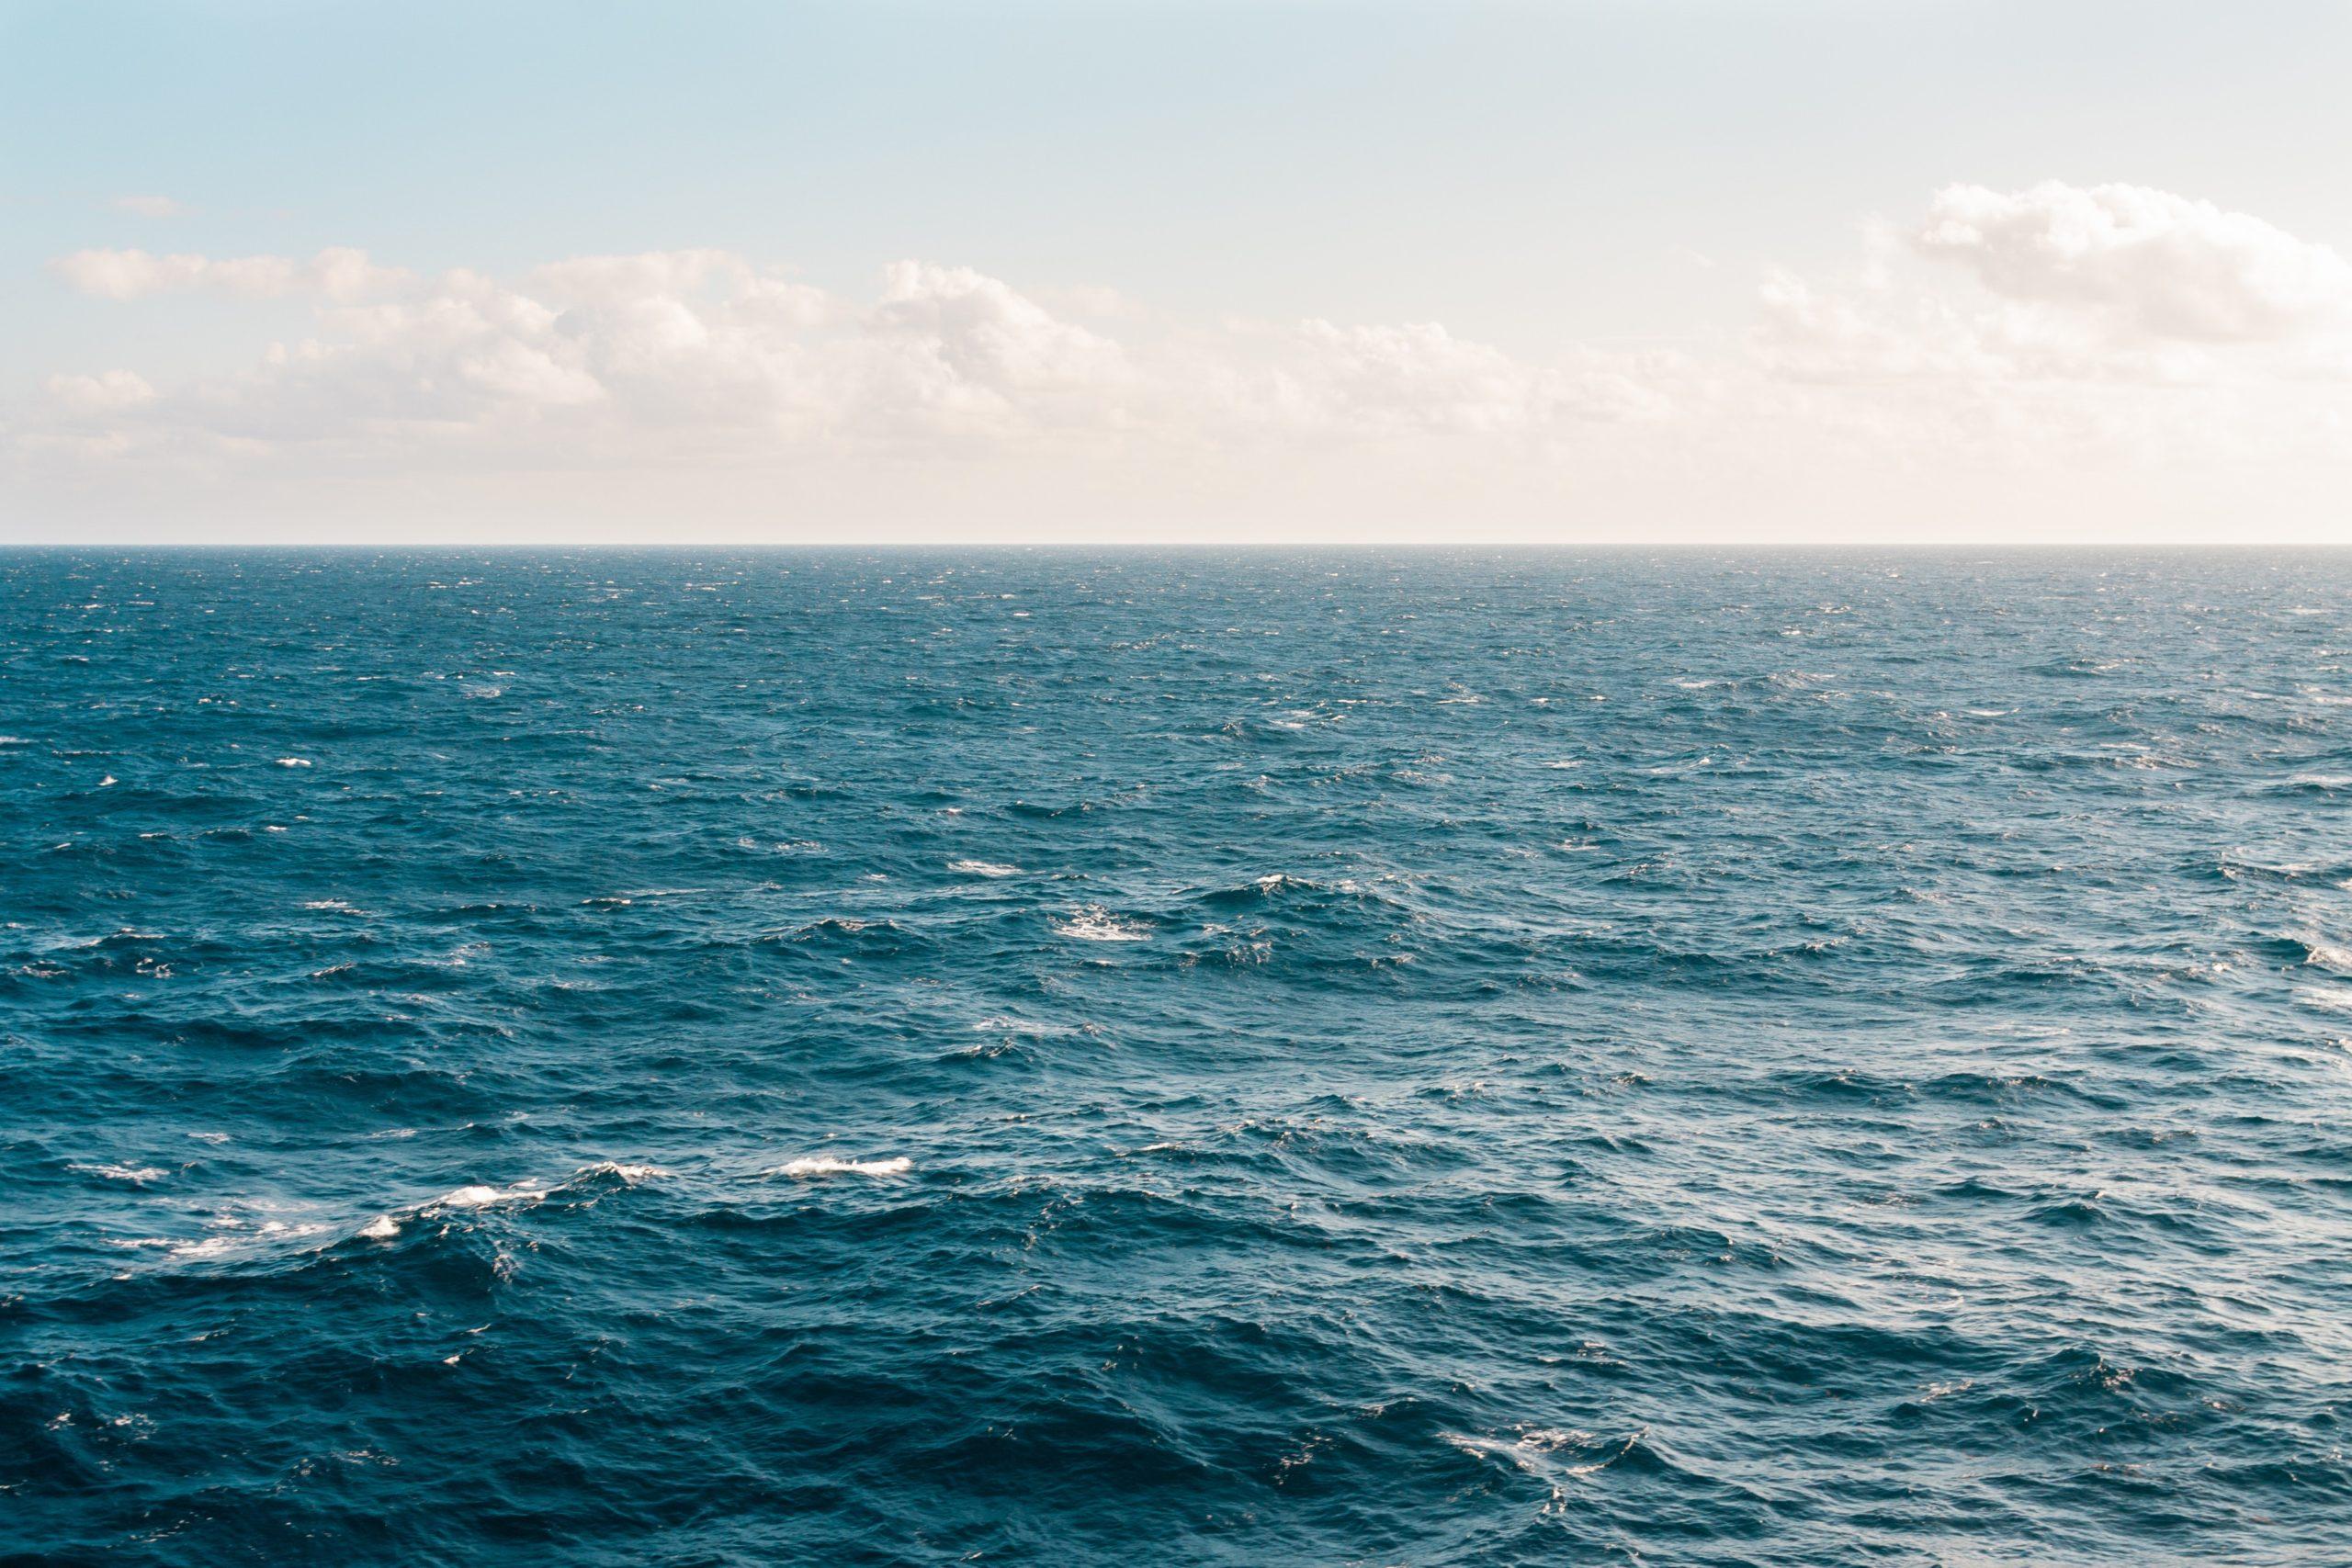 betekenis droom - betekenis droom zee - b